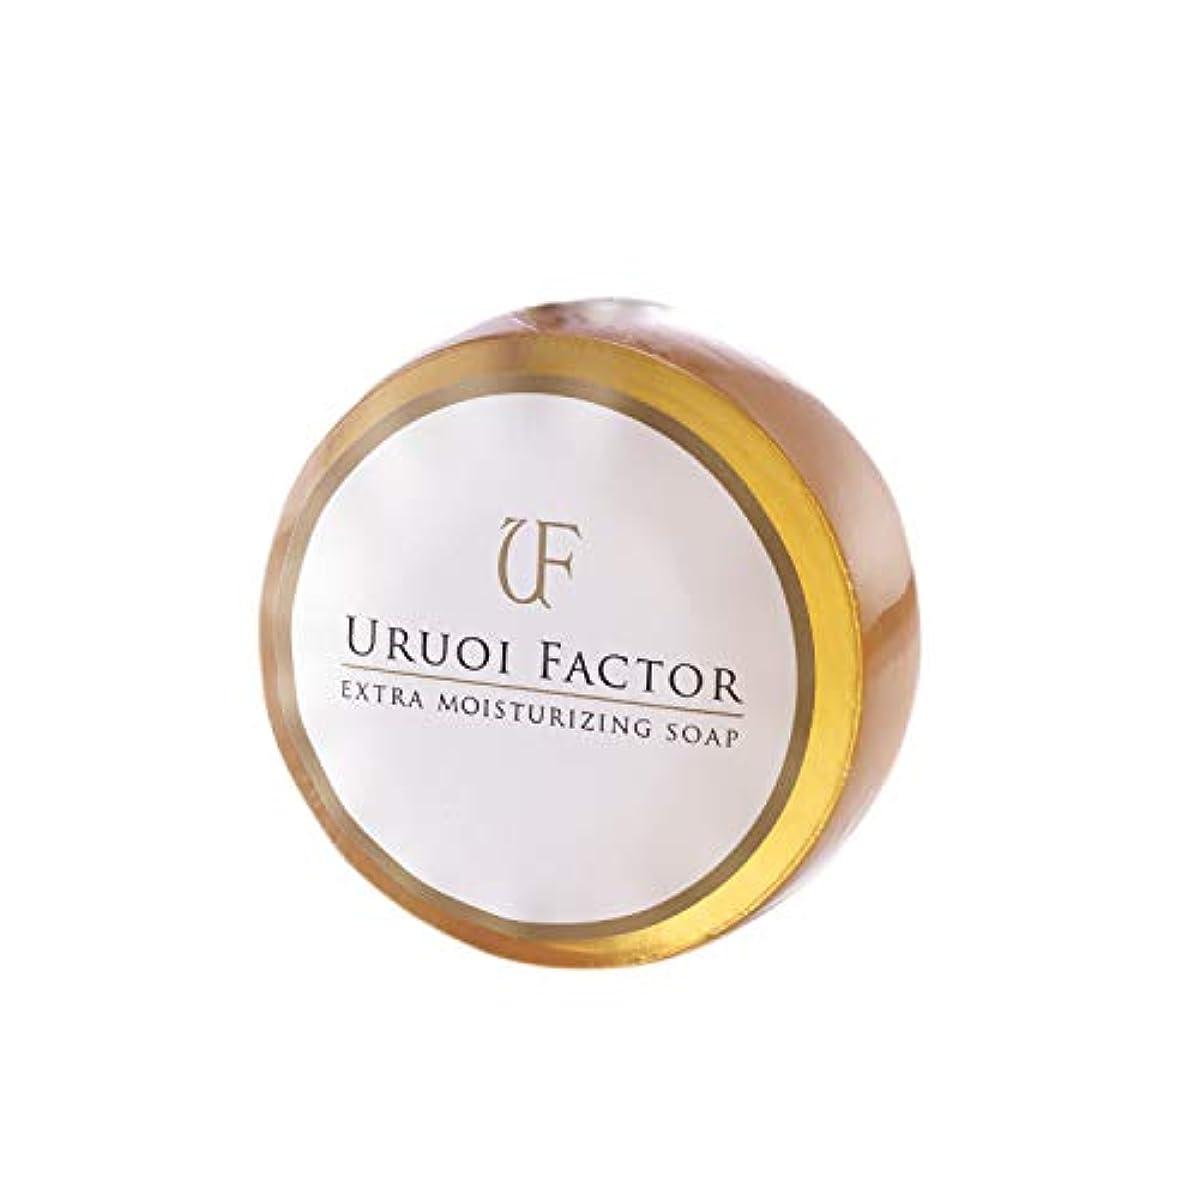 部分公然と森URUOI FACTOR(うるおいファクター) UFソープ フルボ酸 スクワラン配合 無添加洗顔石鹸(弱アルカリ性) 100g